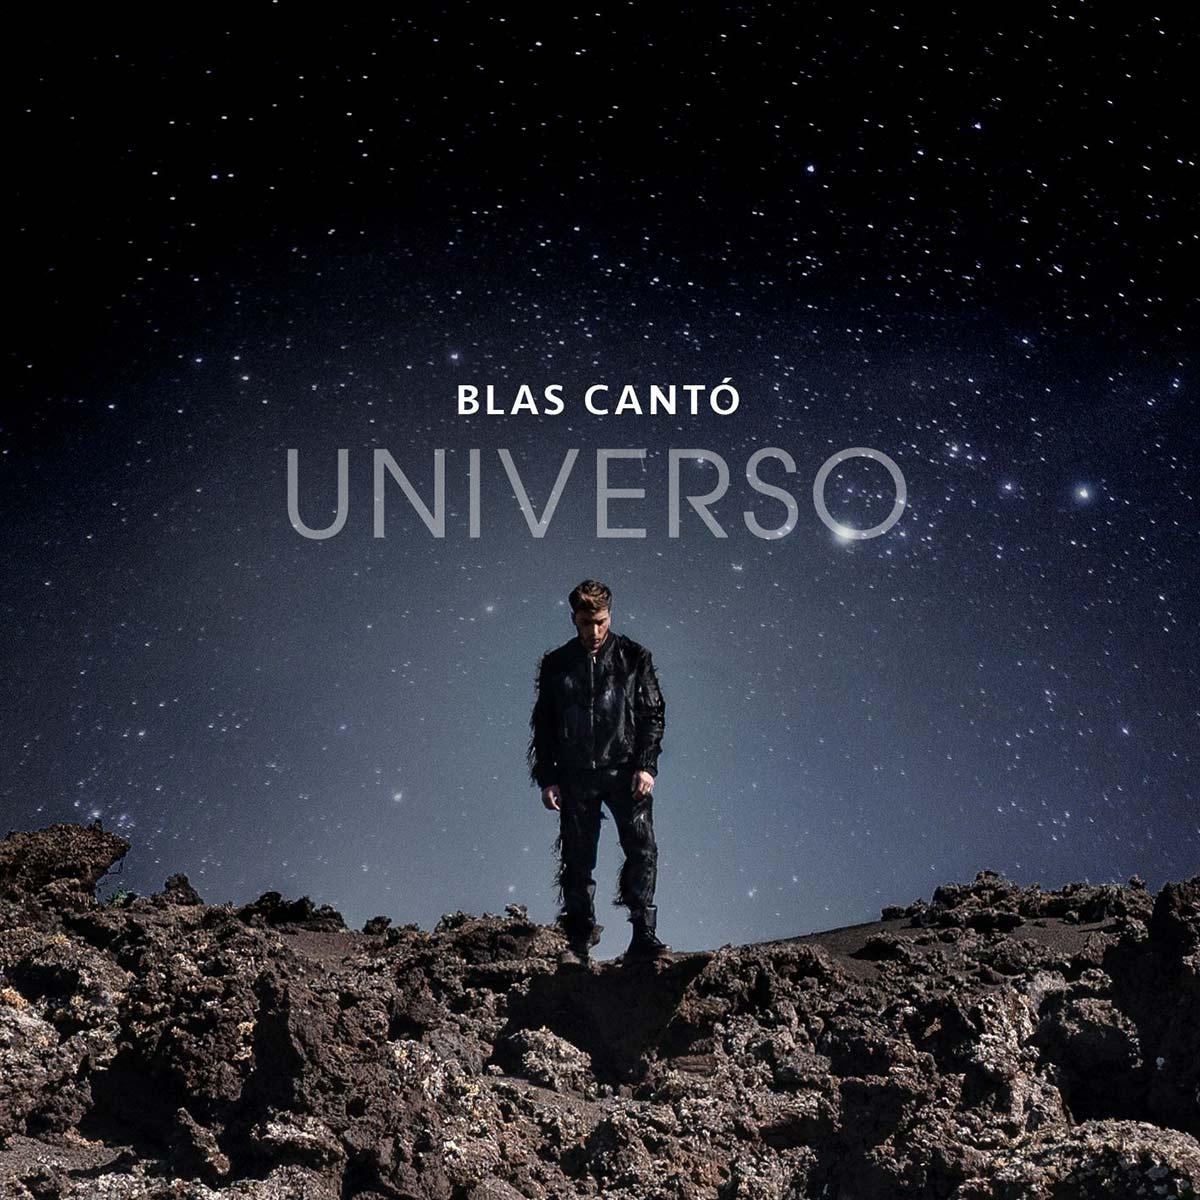 """Résultat de recherche d'images pour """"universo blas canto"""""""